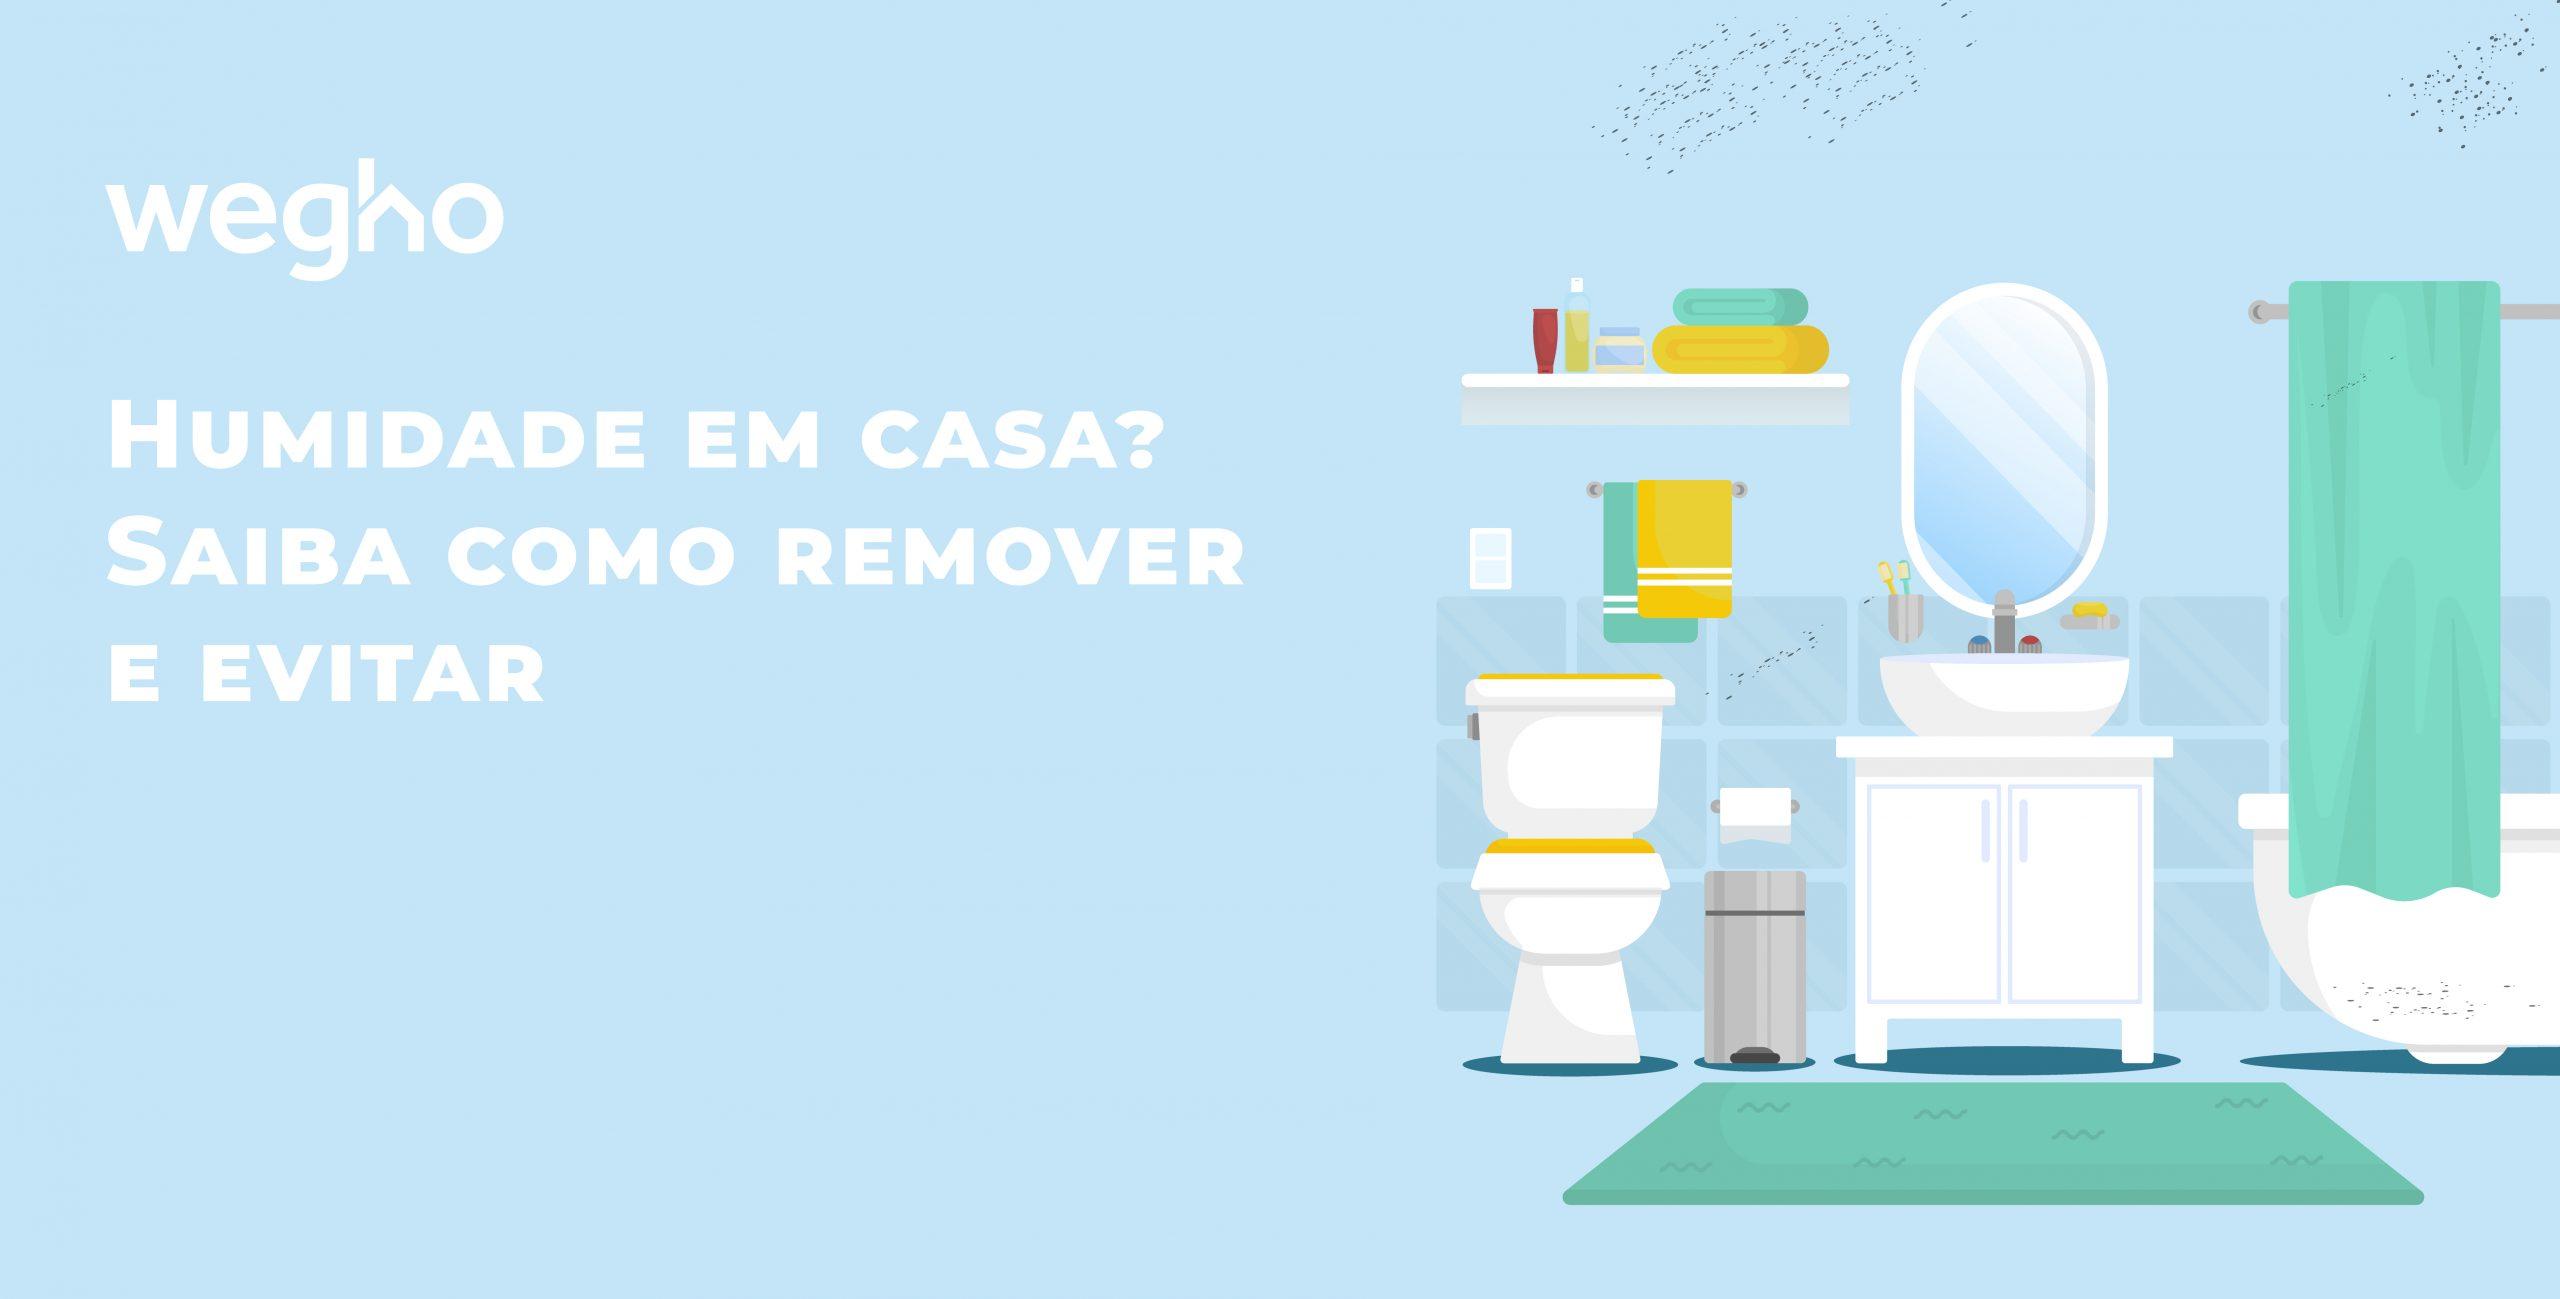 Humidade em casa - humidade nas paredes - humidade no teto - Saiba como remover e evitar humidade - individuo a limpar uma casa com humidade nas paredes e no teto